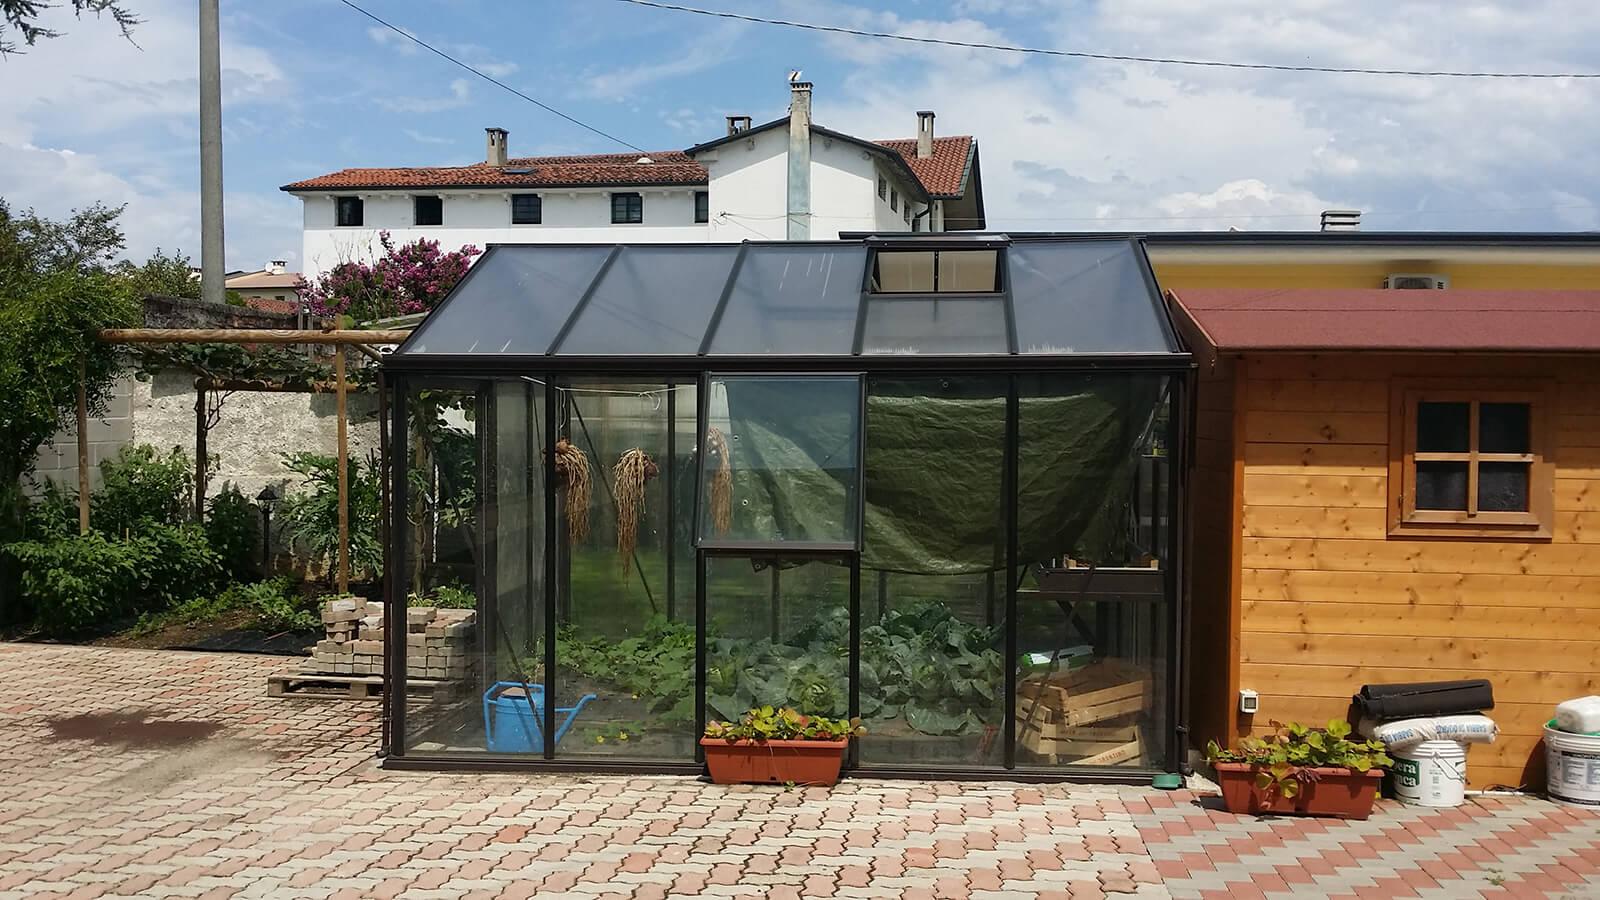 progettazione realizzazione giardini costabissara - verde blu giardini 5